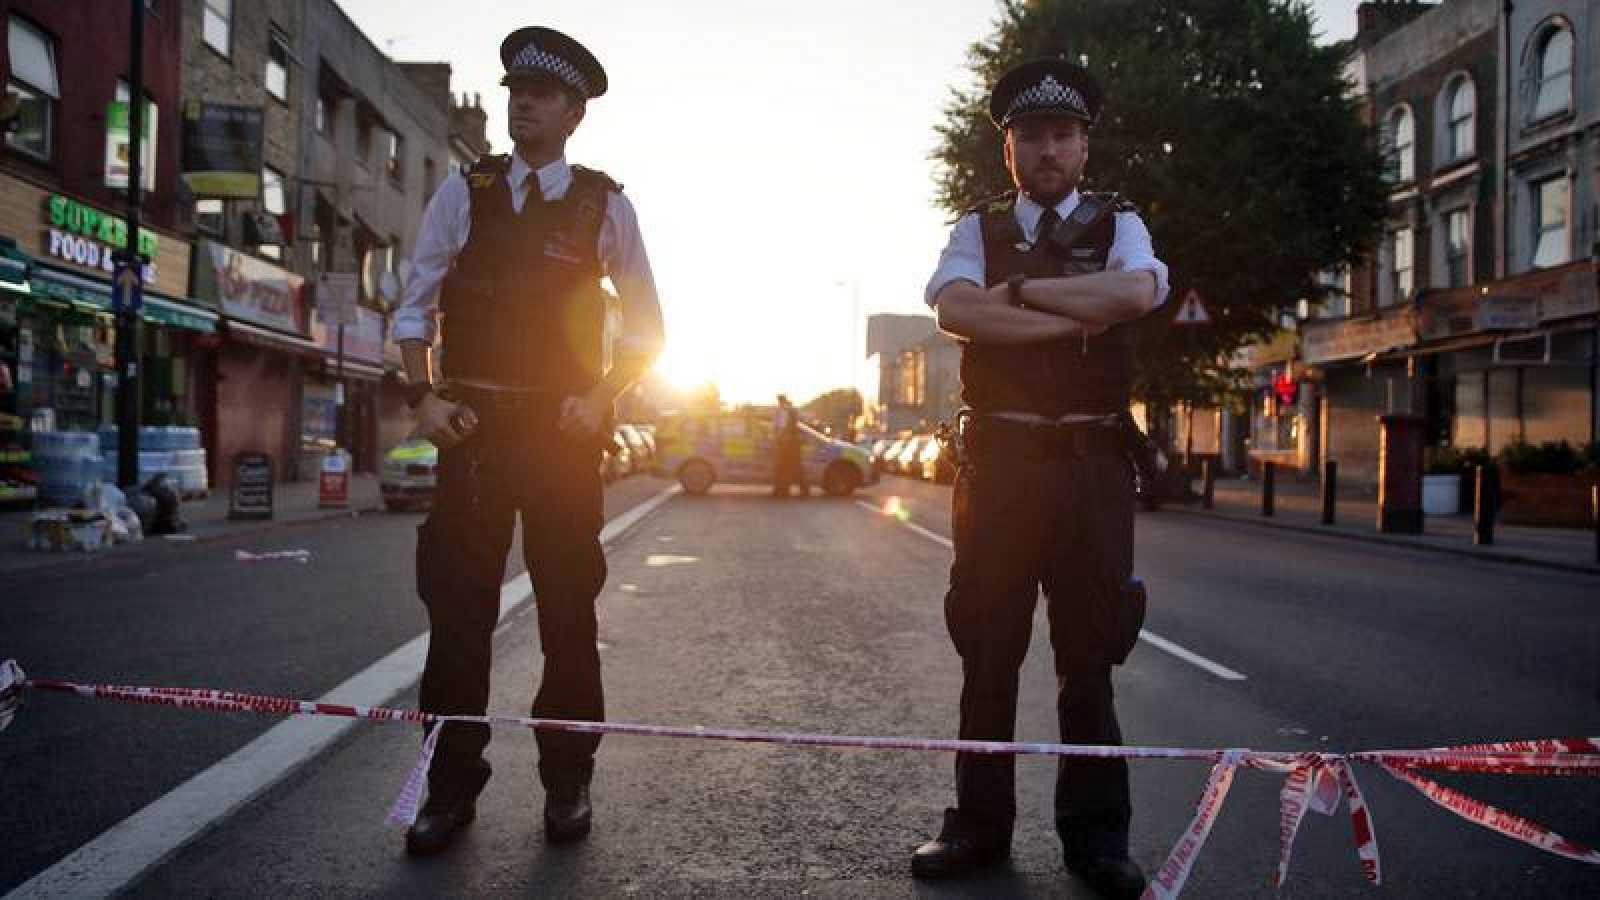 Lugar donde se produjo el ataque en Londres